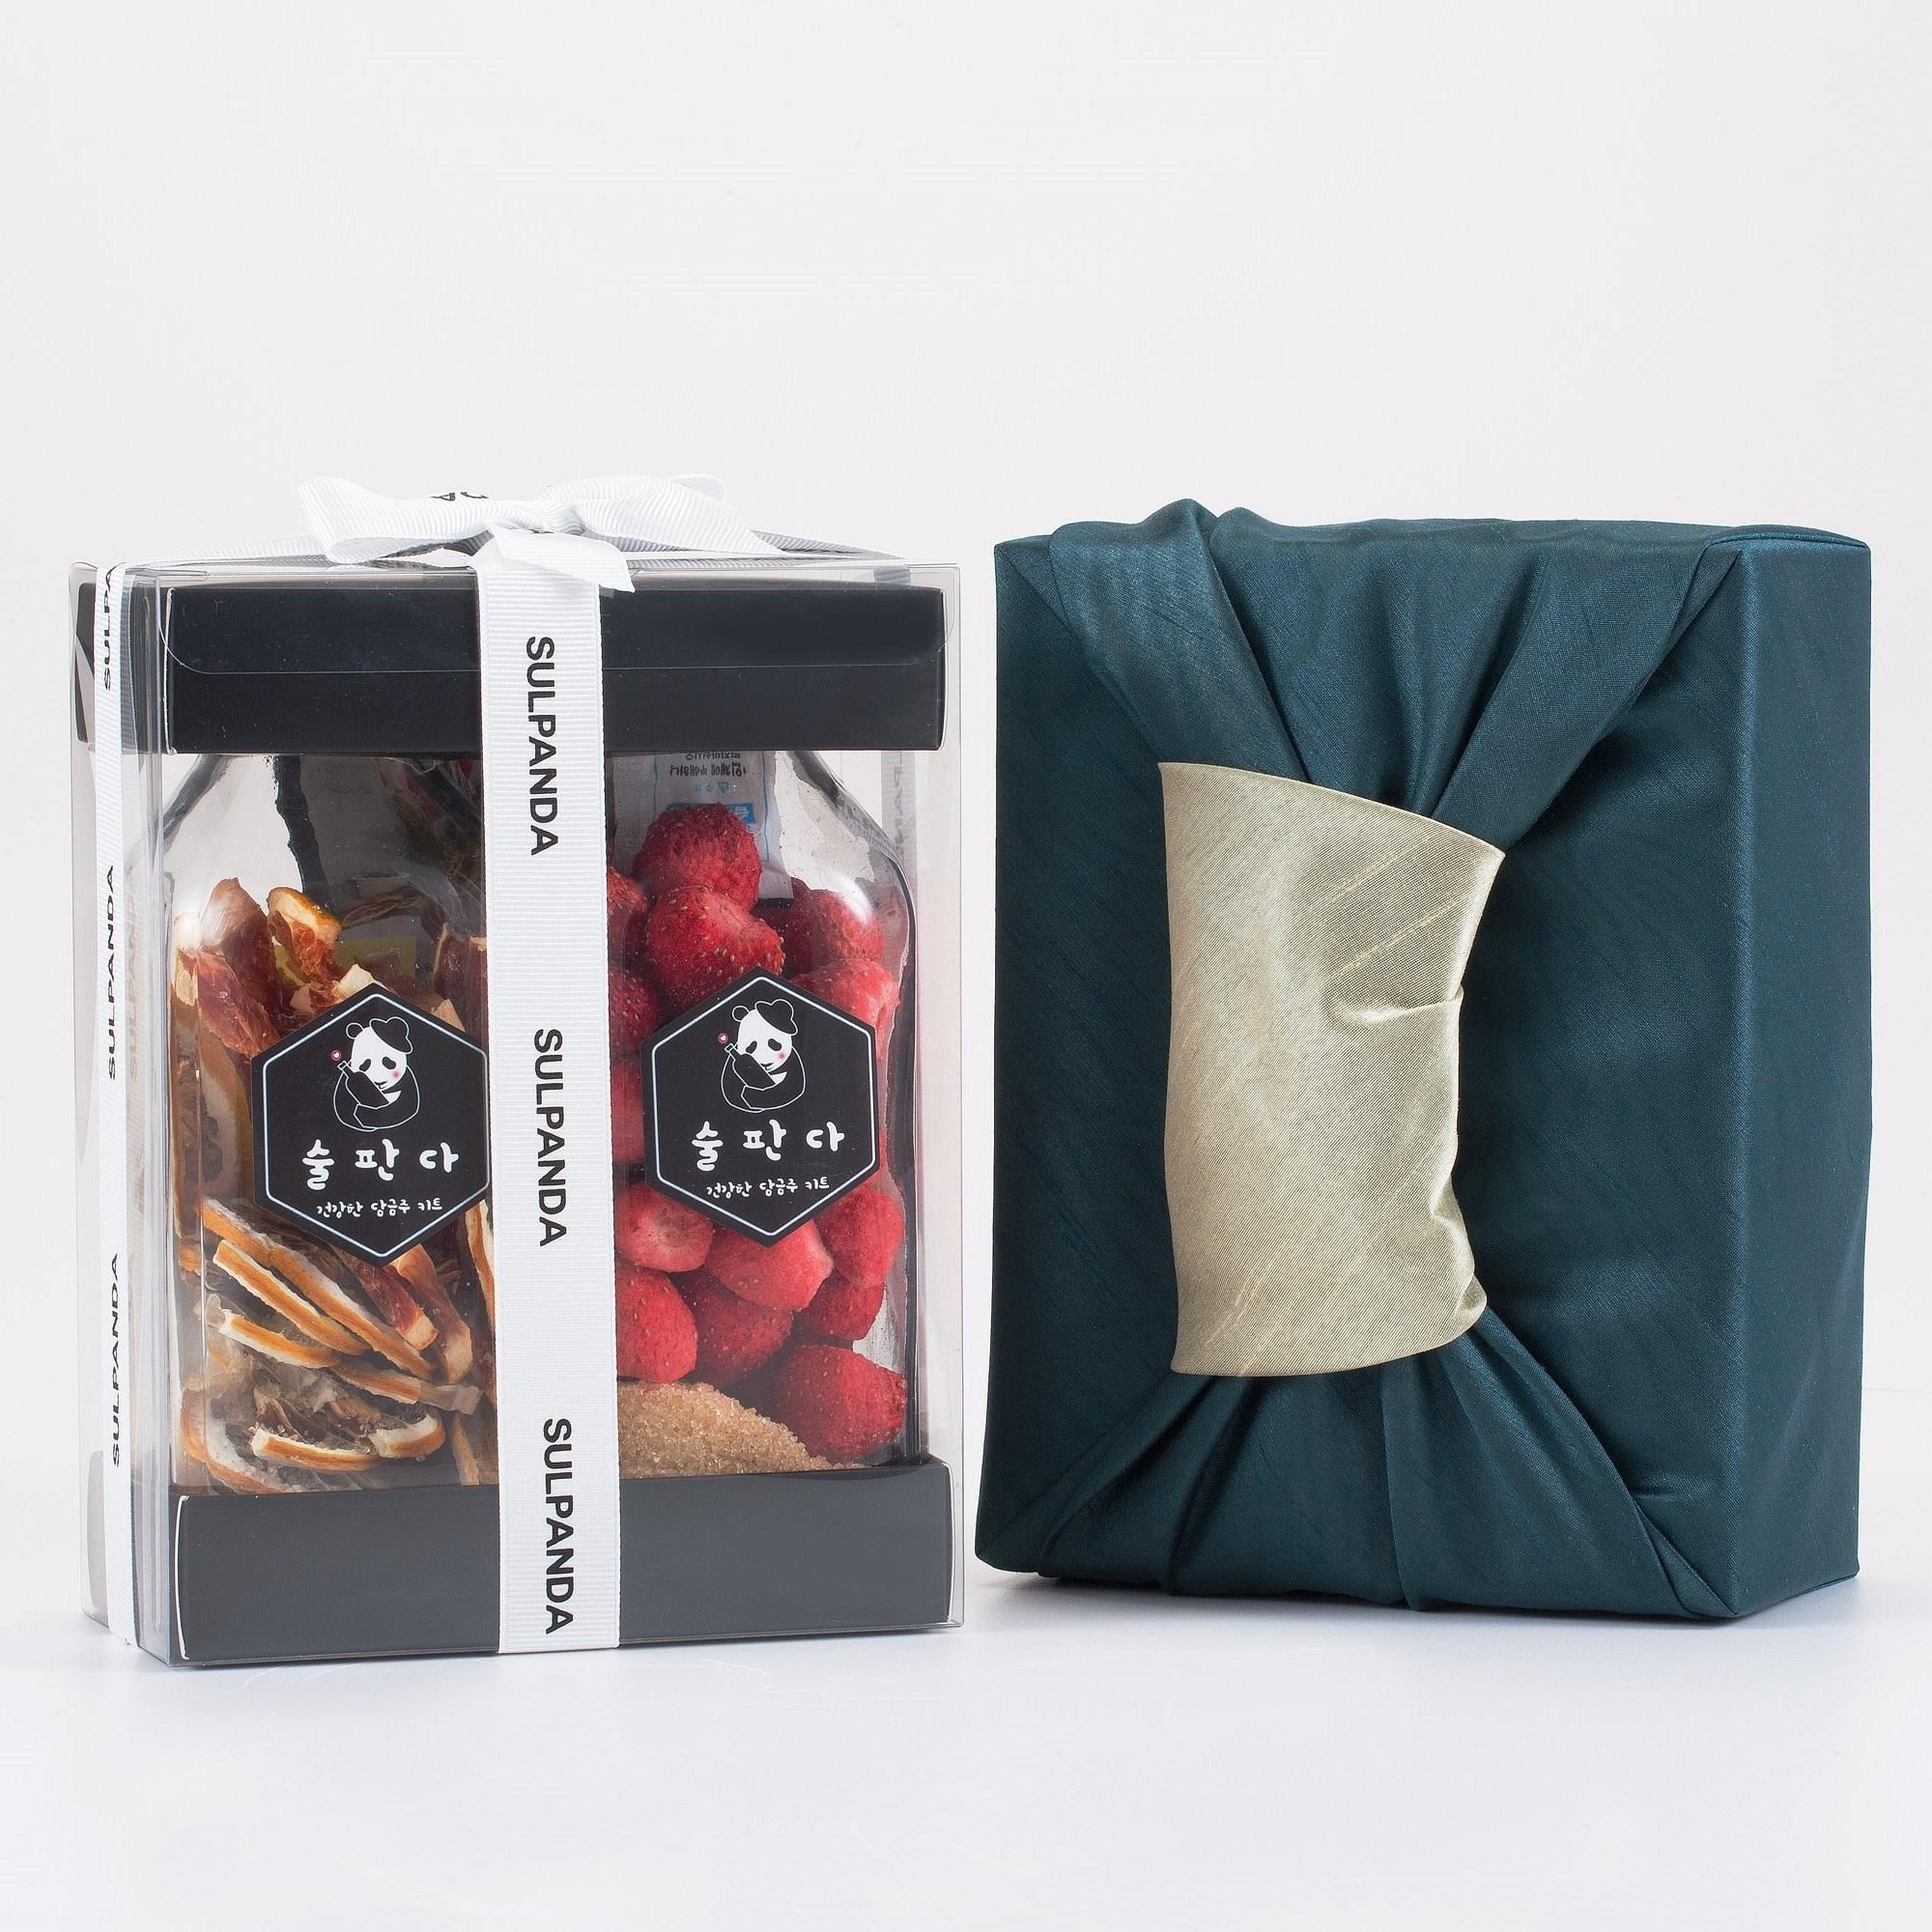 술판다 (SULPANDA) 담금주 키트 2구 포장세트 (500ml x 2), 2병, 국화주+장미주